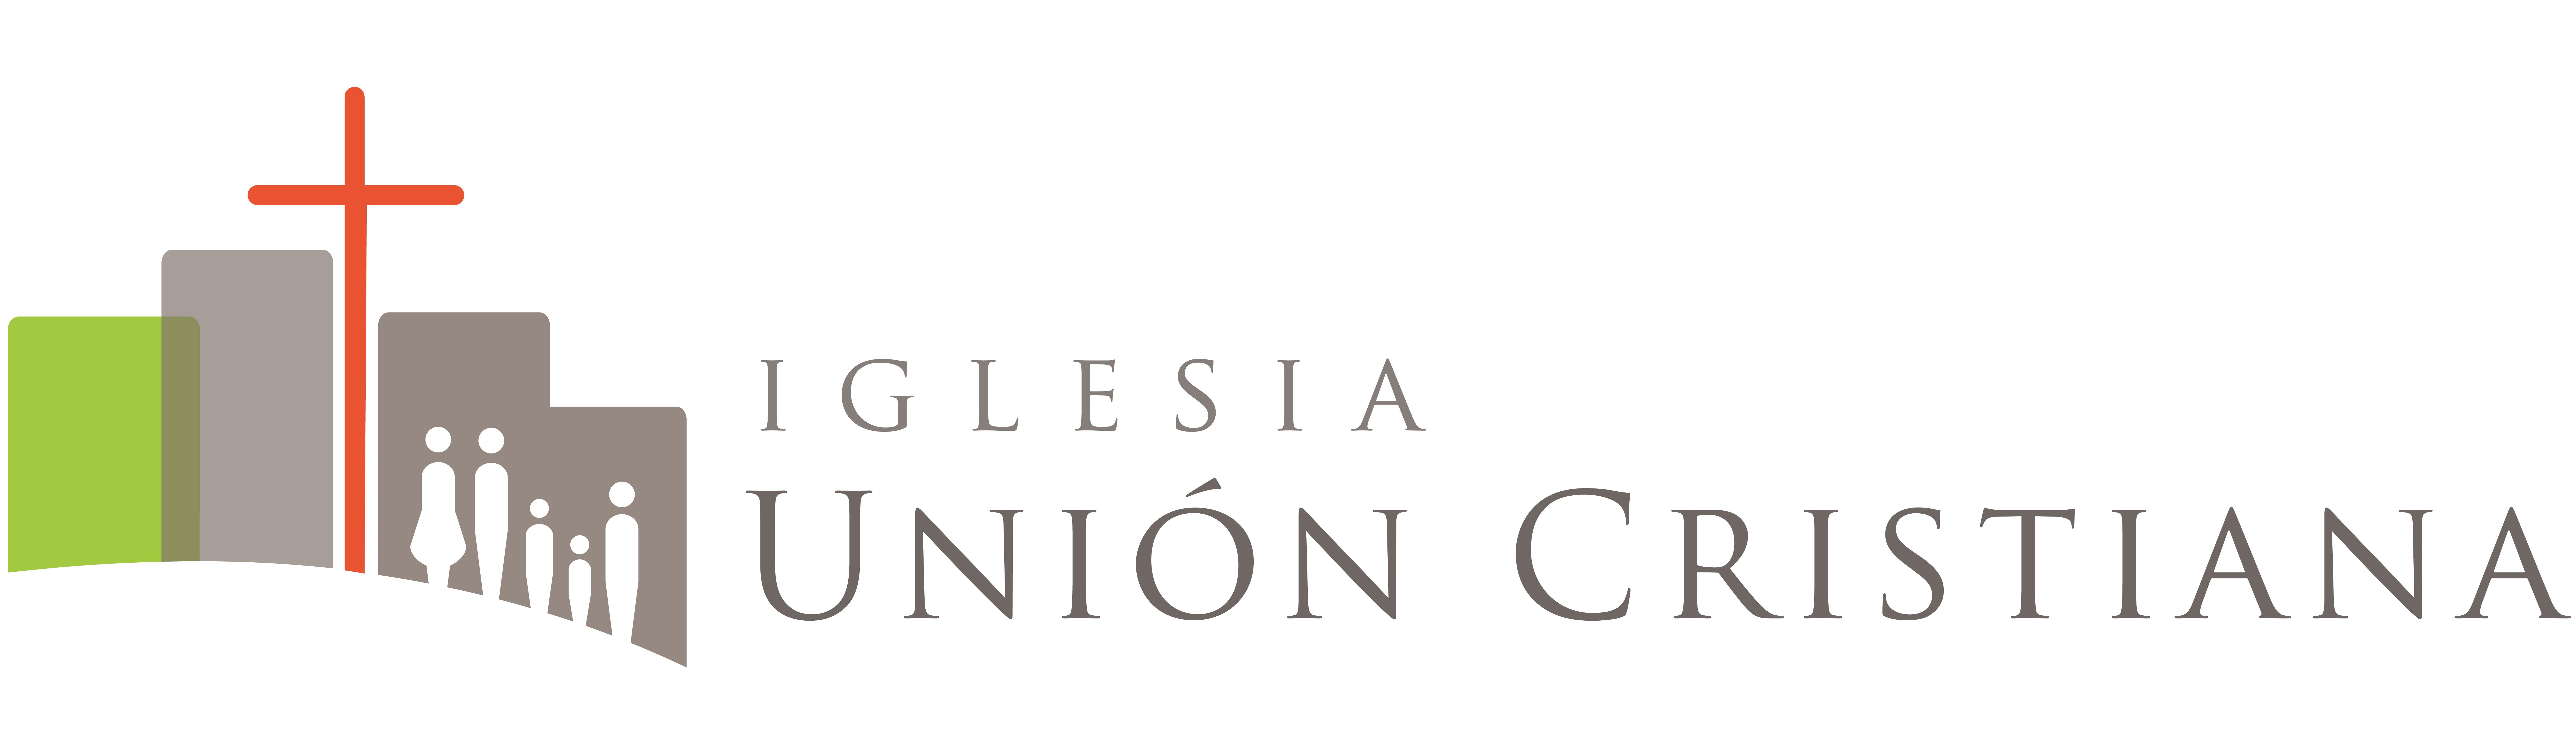 Unión Cristiana